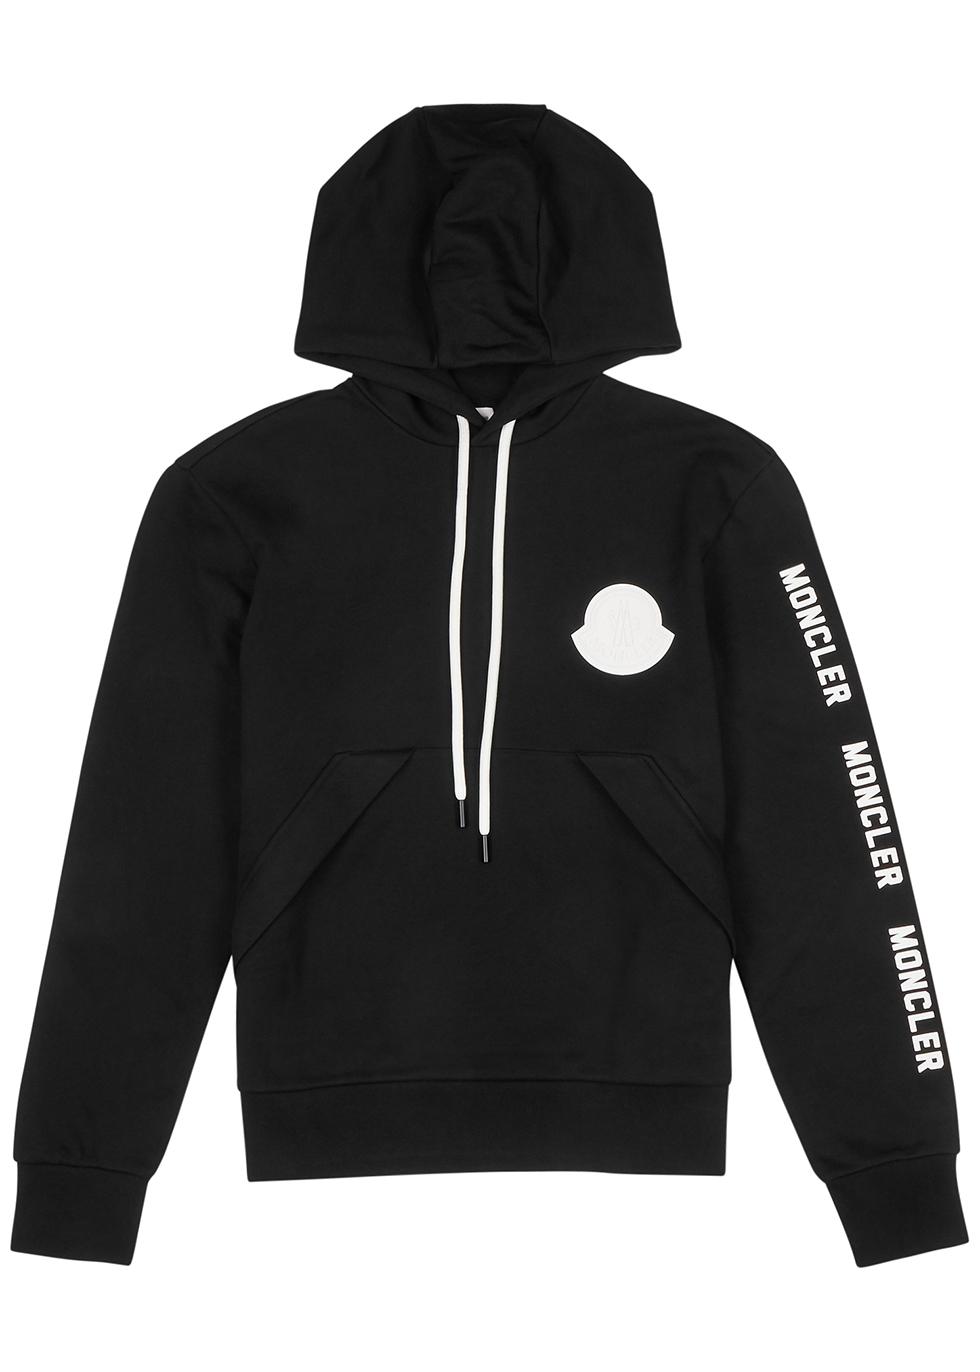 d019a920de9ea Moncler - Designer Jackets, Coats, Gilets - Harvey Nichols